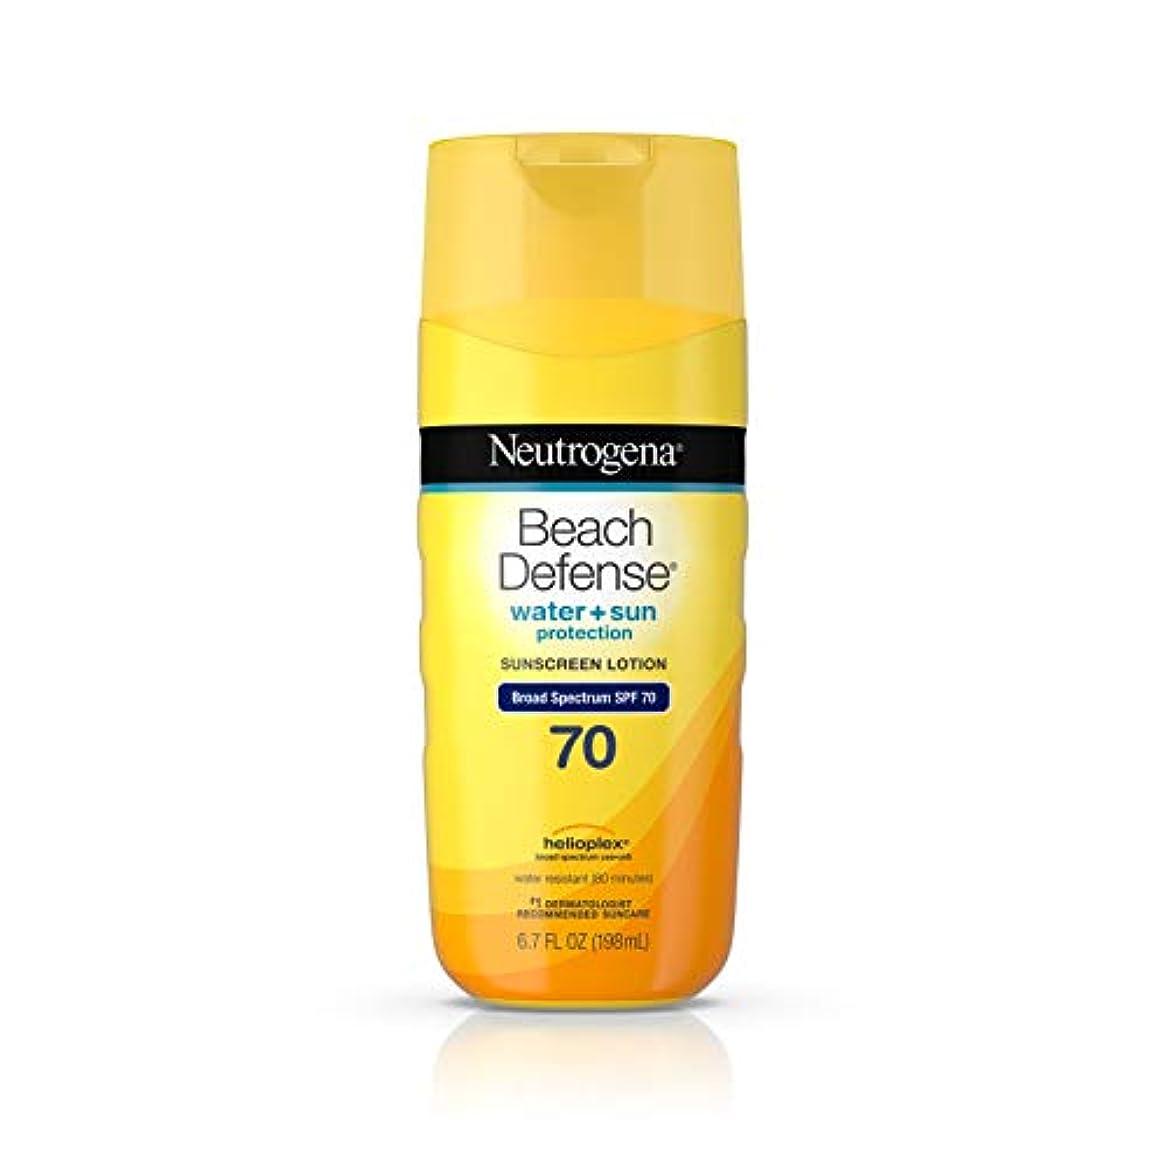 インフレーション売上高機構海外直送品Neutrogena Neutrogena Beach Defense Lotion SPF 70, 6.7 oz